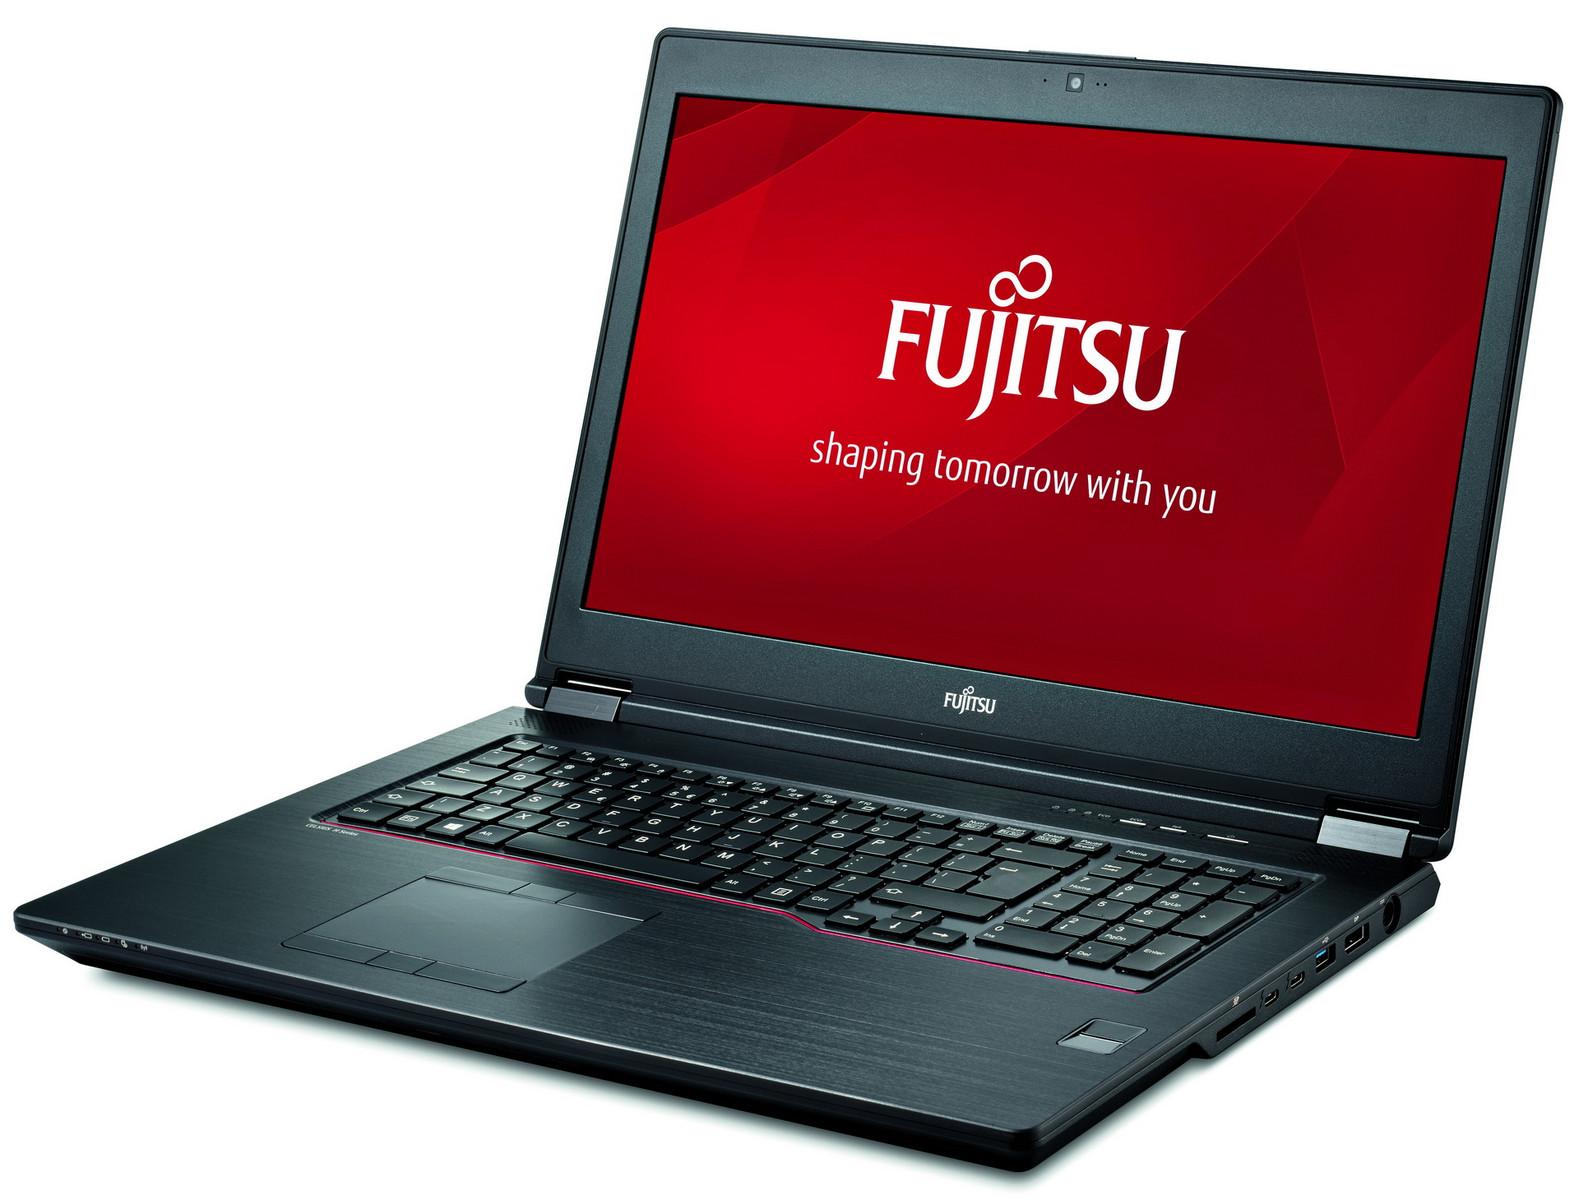 Hordozható munkaállomás a Fujitsu-tól